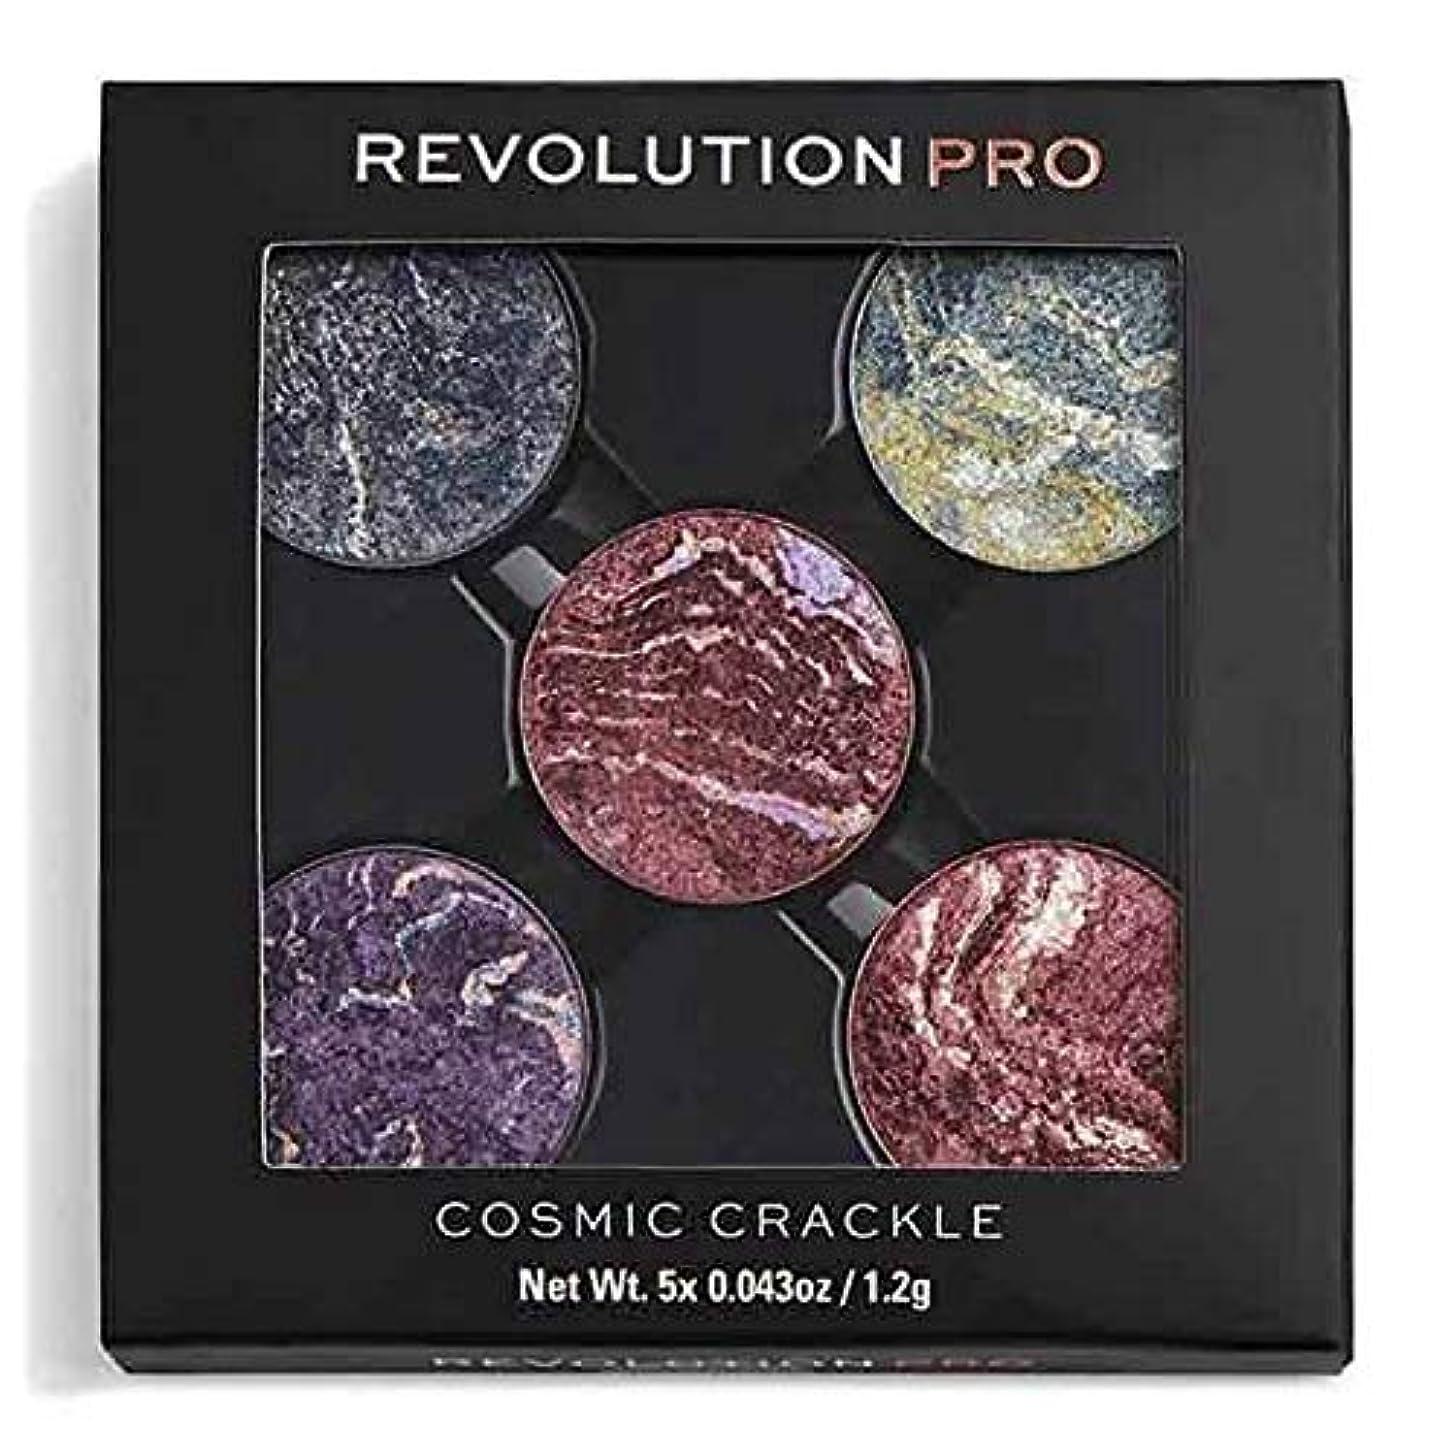 ボウル発言する両方[Revolution ] 革命プロリフィルアイシャドウは、宇宙クラックルをパック - Revolution Pro Refill Eyeshadow Pack Cosmic Crackle [並行輸入品]